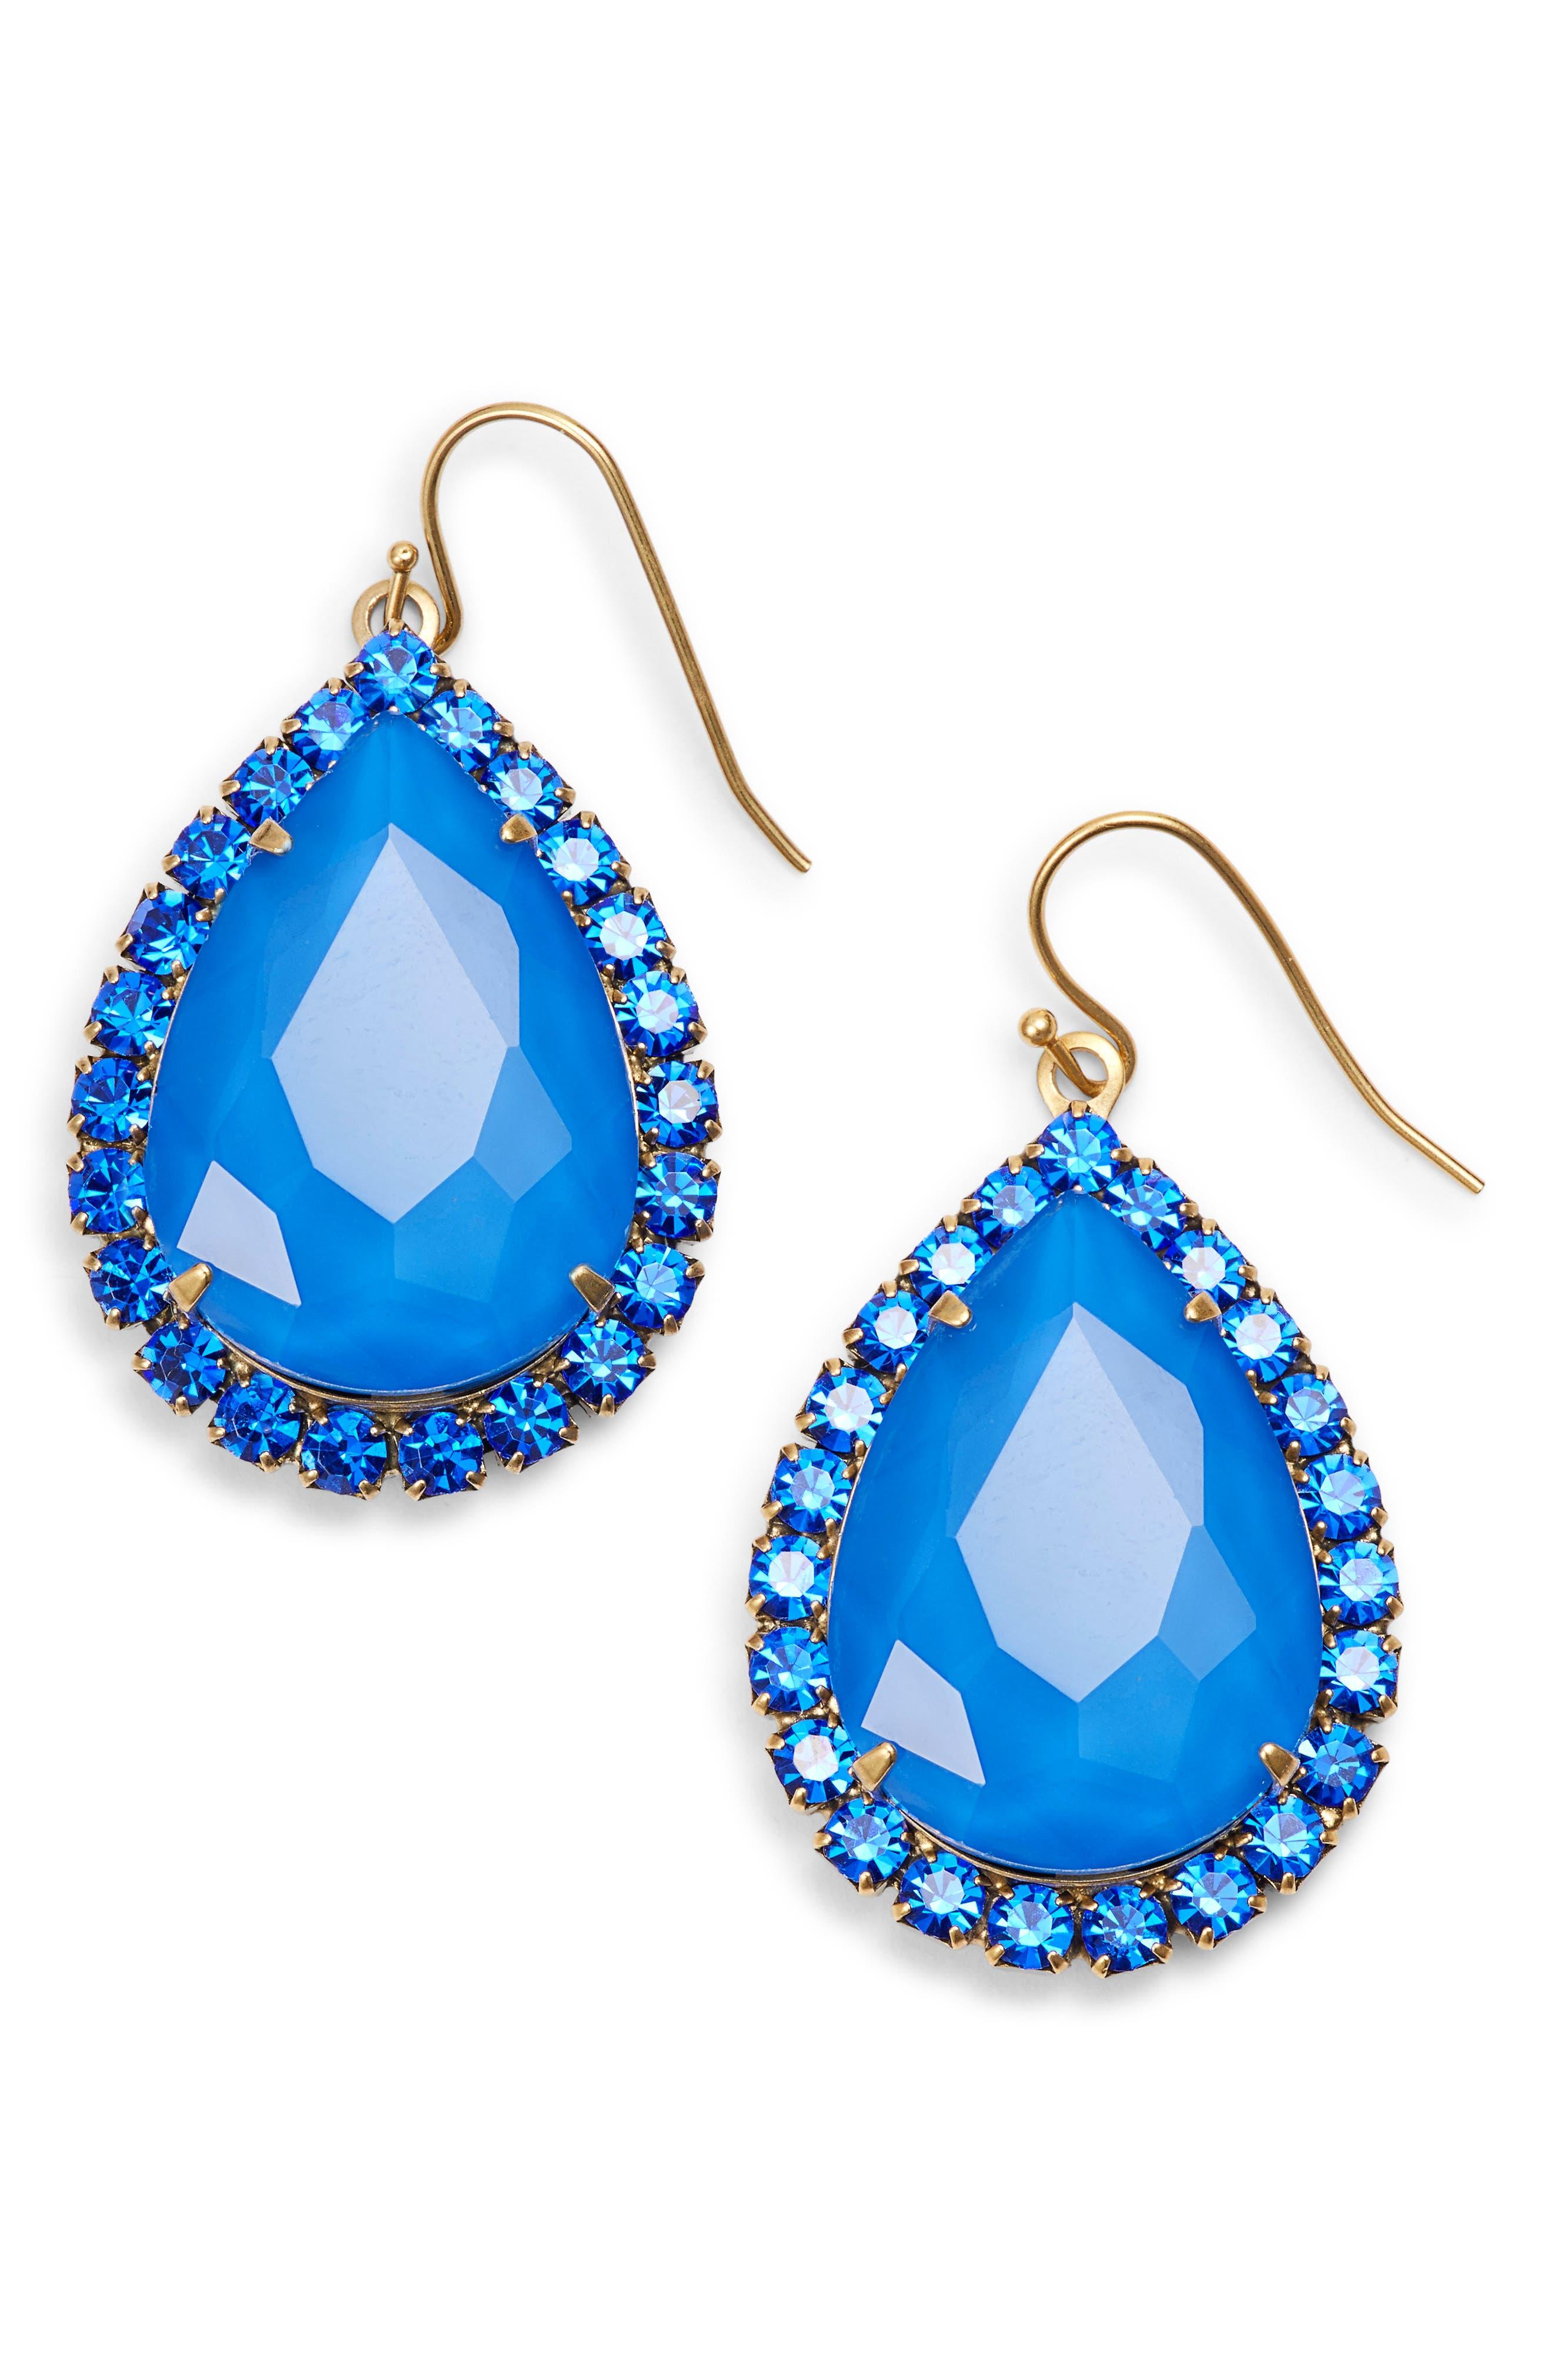 Alternate Image 1 Selected - Loren Hope Krista Crystal Drop Earrings